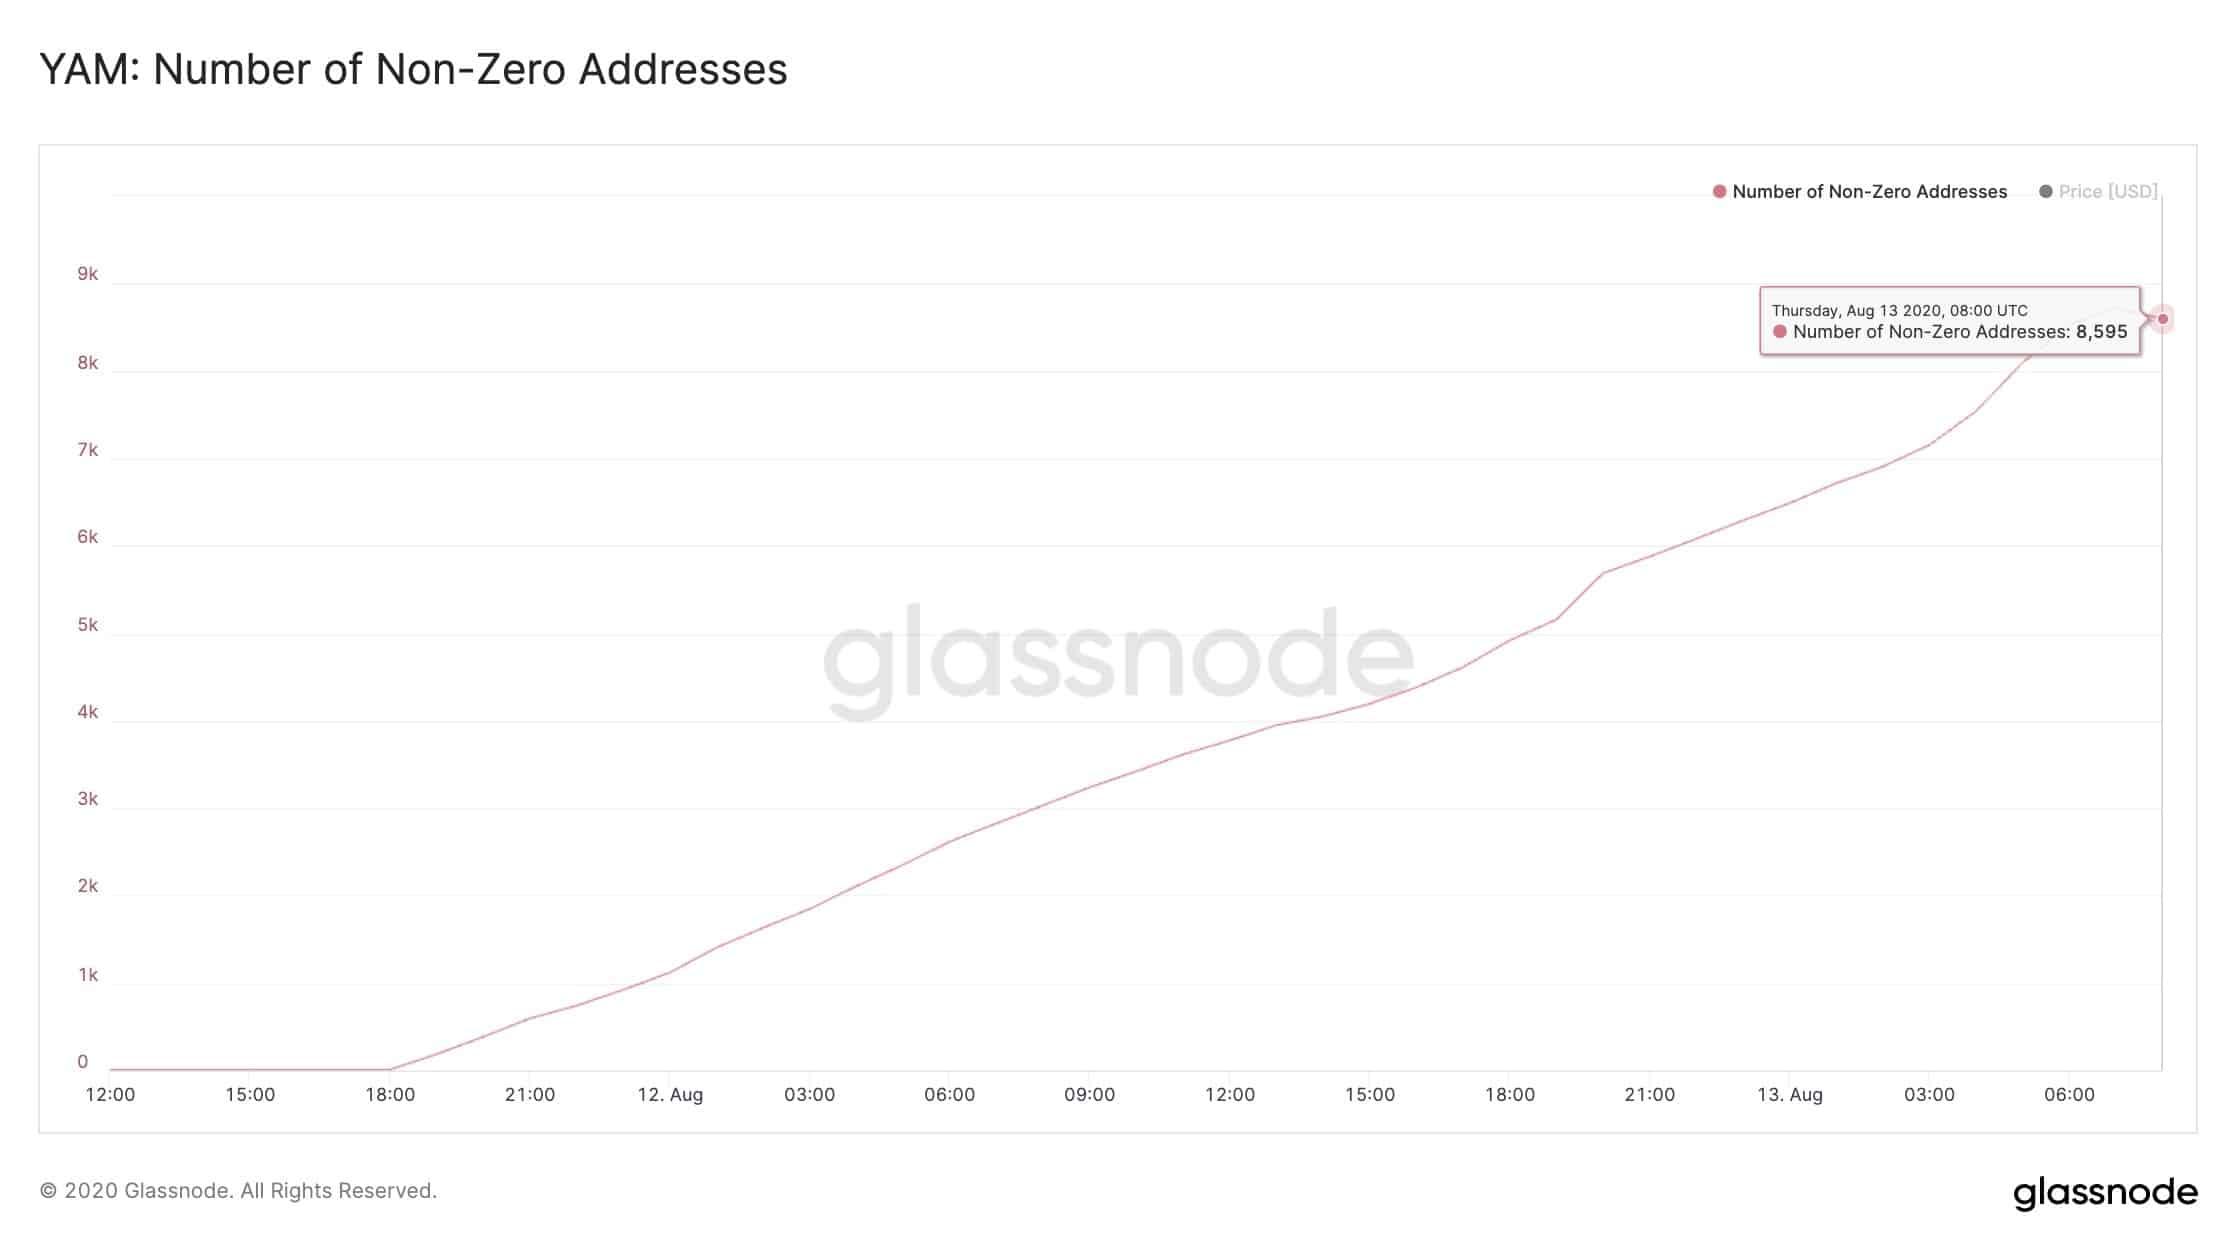 YAM Non-zero Addresses. Source: Glassnode